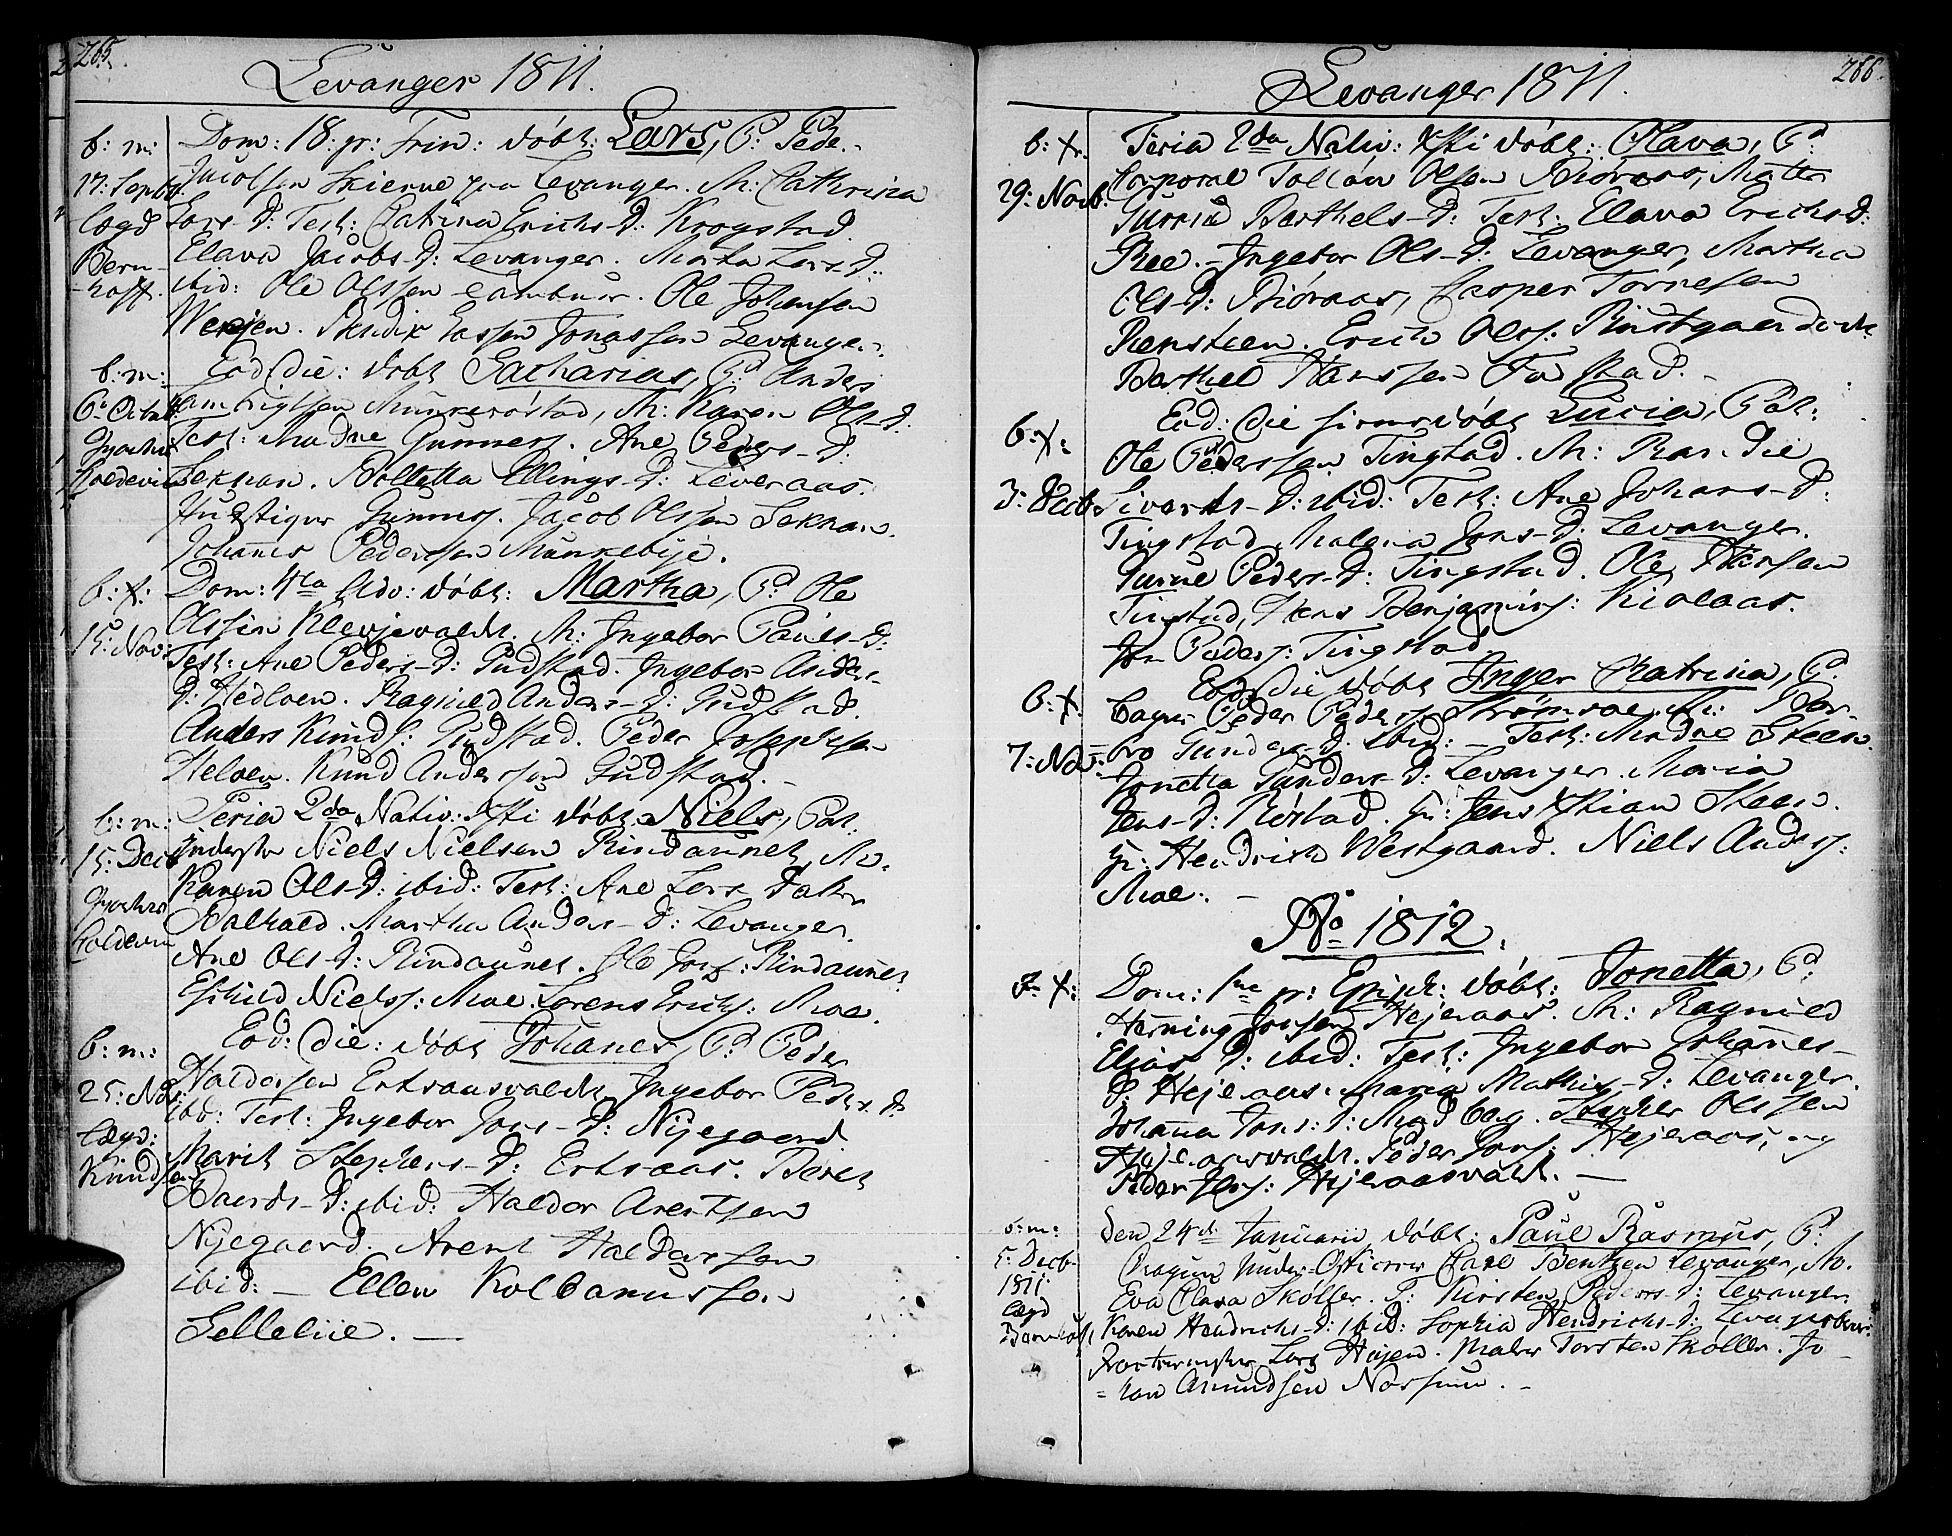 SAT, Ministerialprotokoller, klokkerbøker og fødselsregistre - Nord-Trøndelag, 717/L0145: Ministerialbok nr. 717A03 /3, 1810-1815, s. 265-266